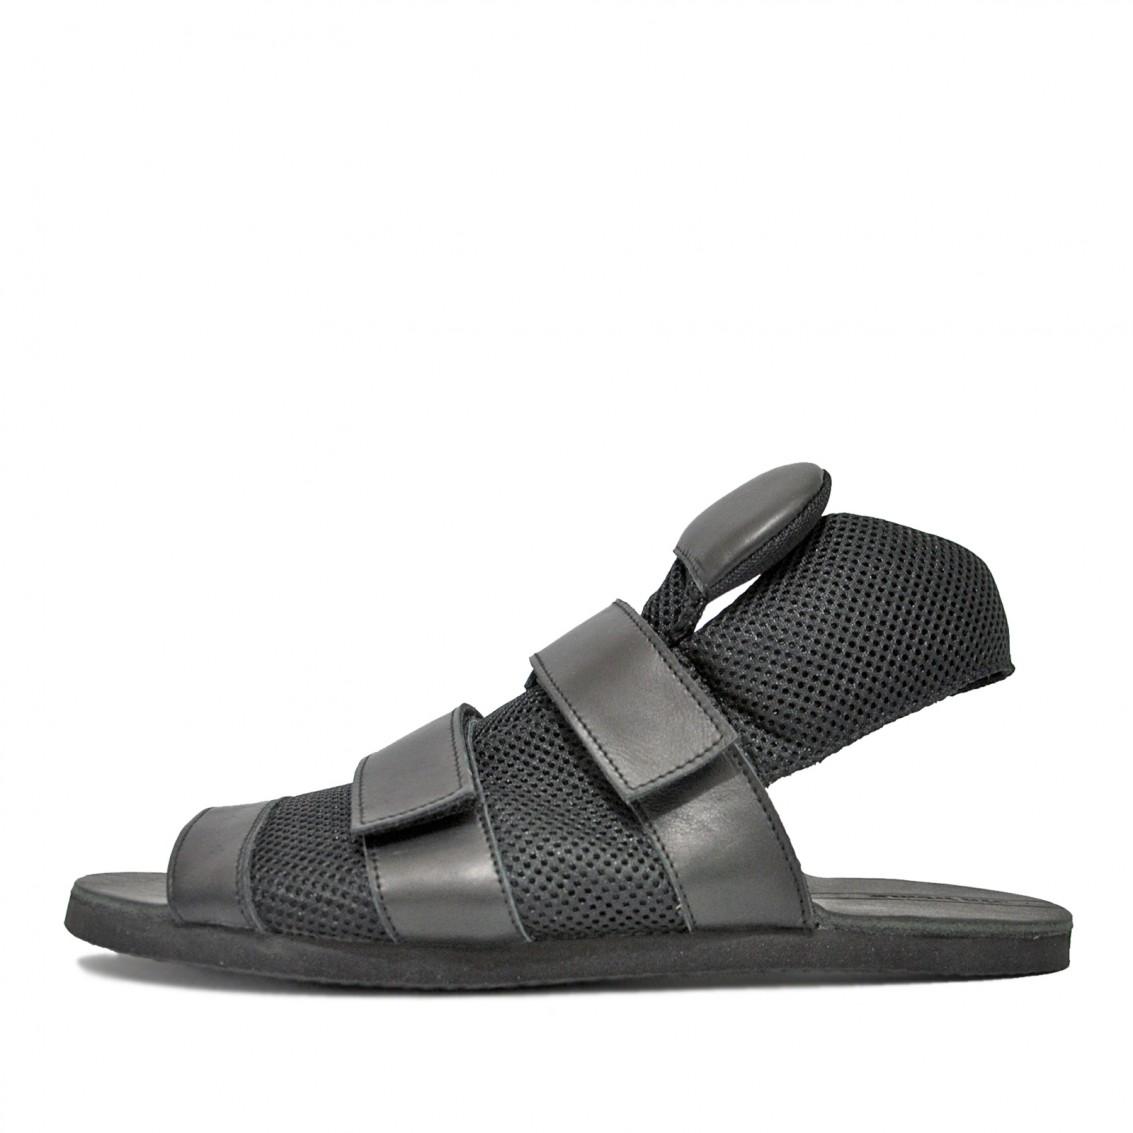 Мужские асимметричные сандалии. Концептуальная модель.